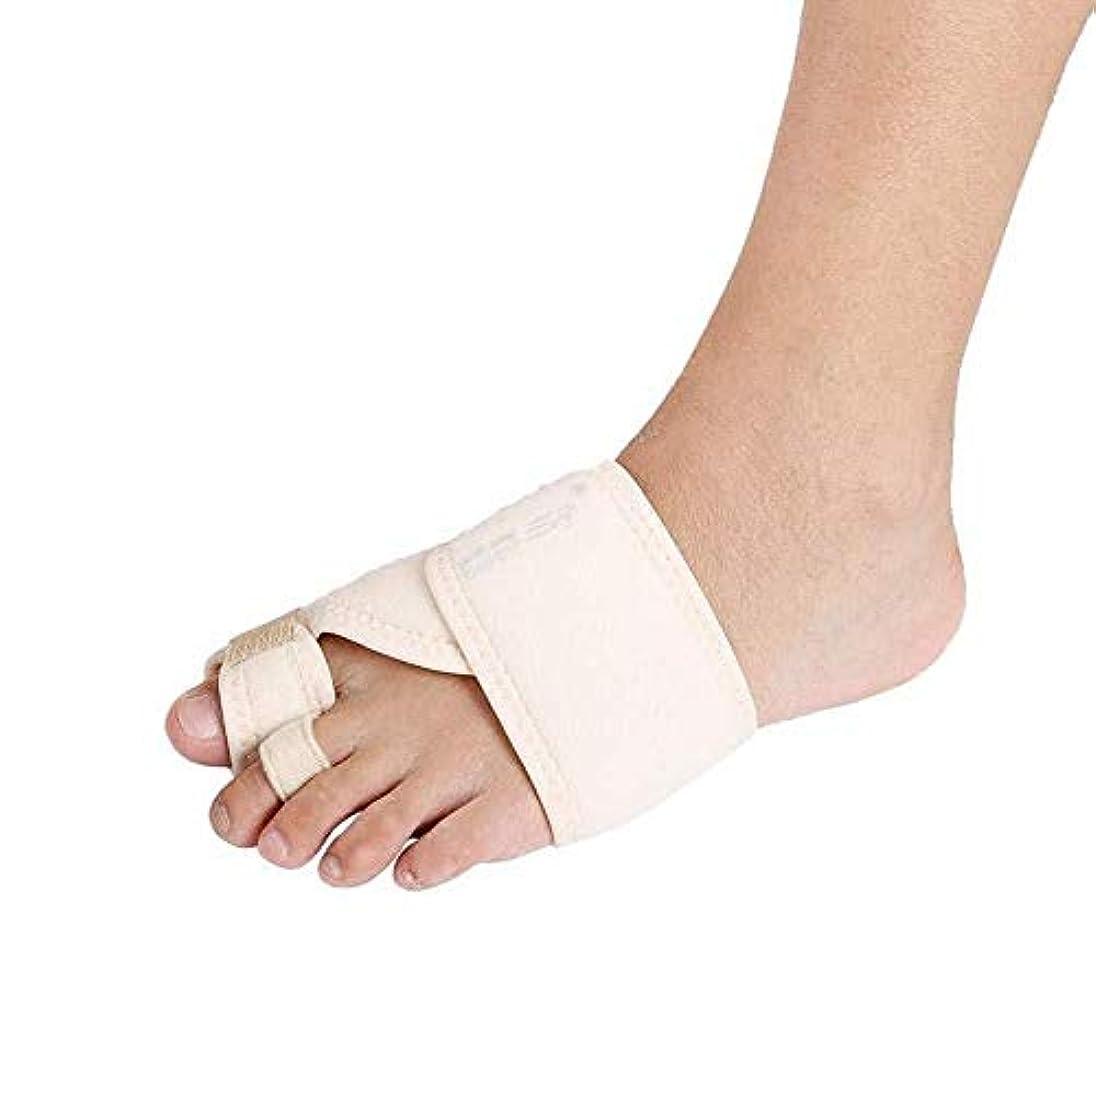 過激派ハンマー時間外反母ortho装具、肘装具、外反母hall、外反母gus、女性および男性用の外反母reliefリリーフ,Left Foot